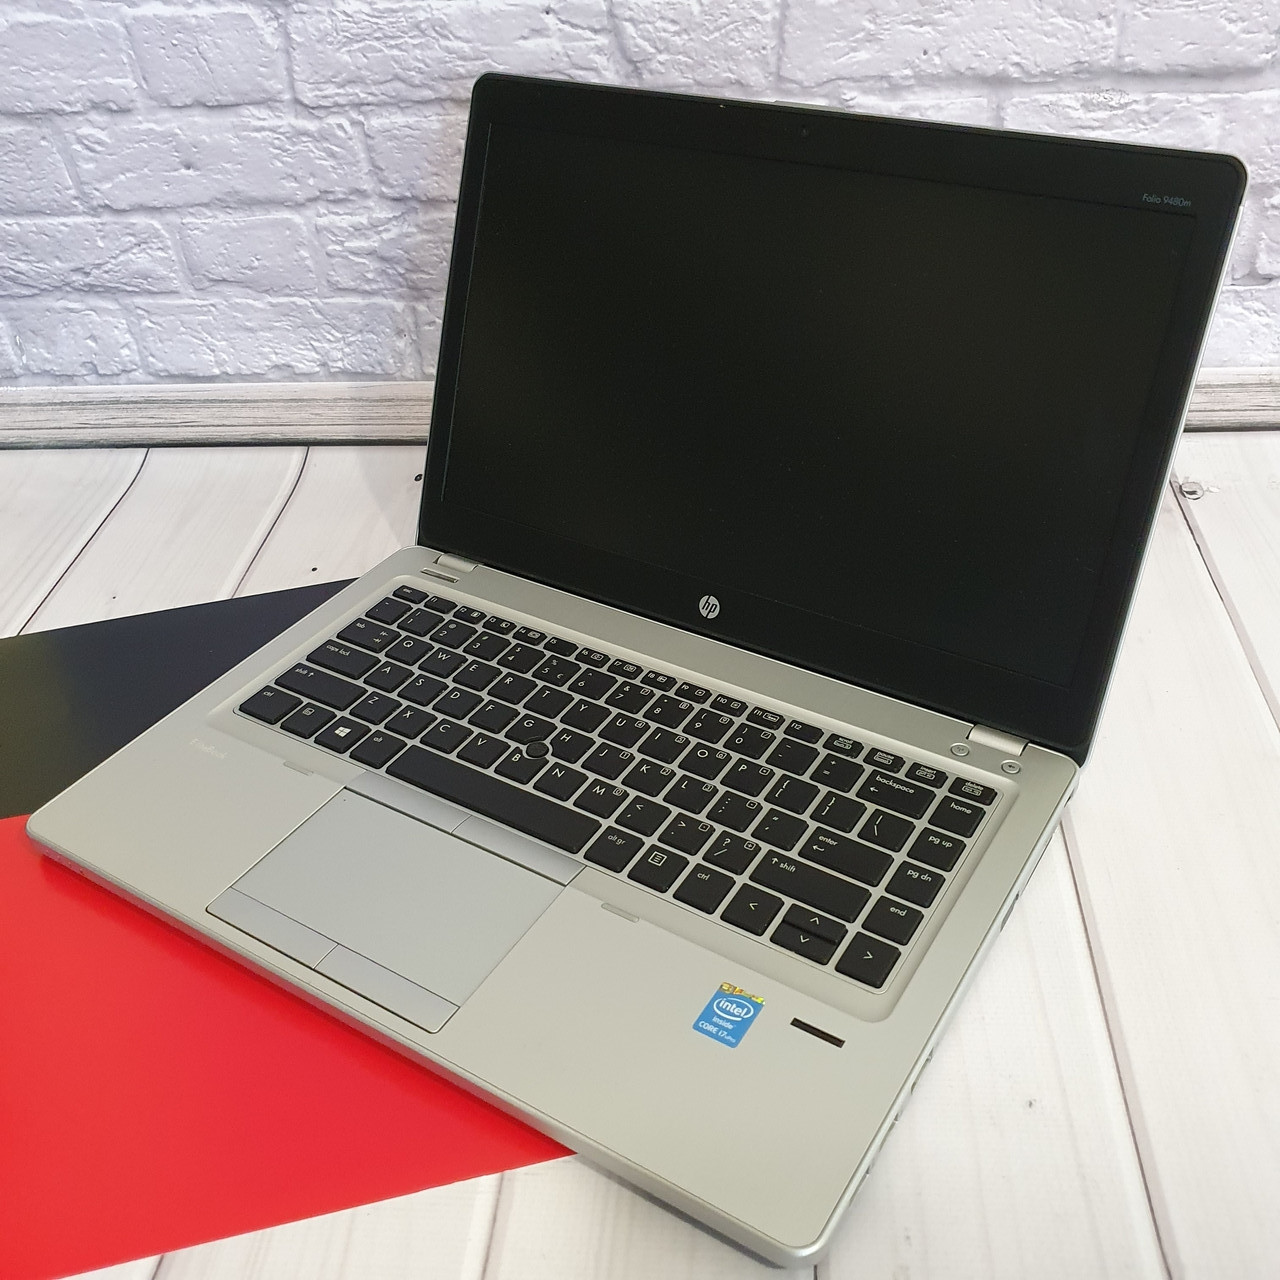 Ноутбук HP Folio 9480m 14( Intel Core i7- 4600m/4x3.30GHz/8Gb DDR3/SSD 240Gb/HD 4400)